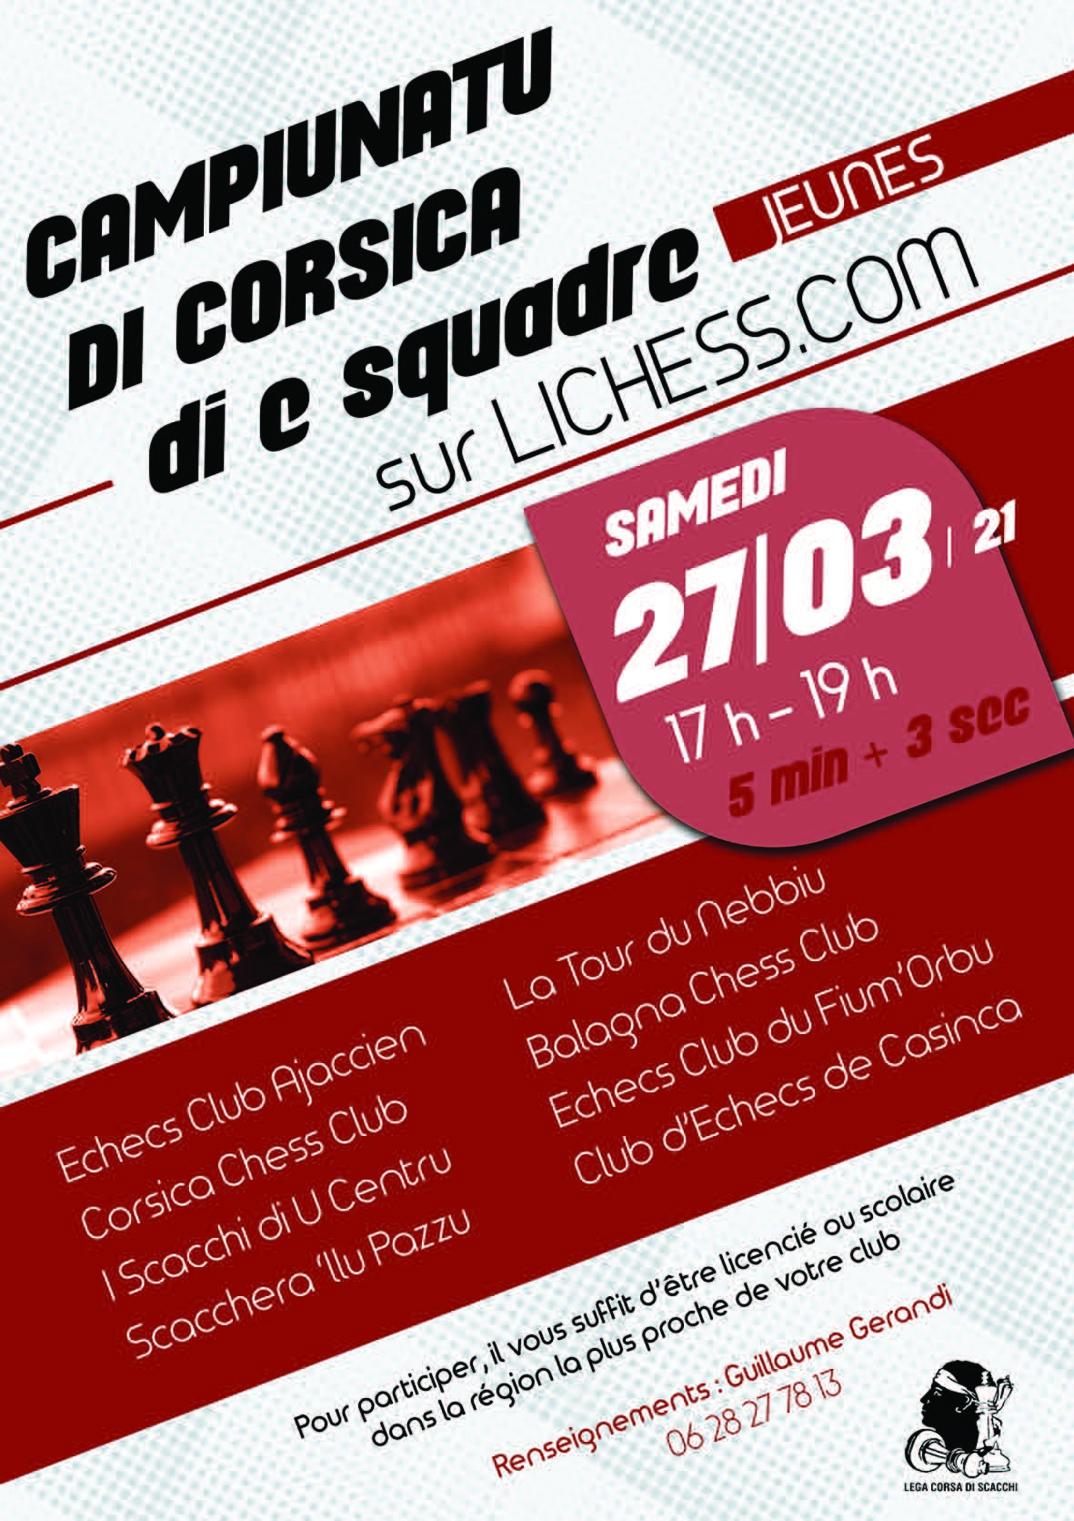 Campiunatu di Corsica ghjovani di e squadre : U Fiumorbu grande vincitore !